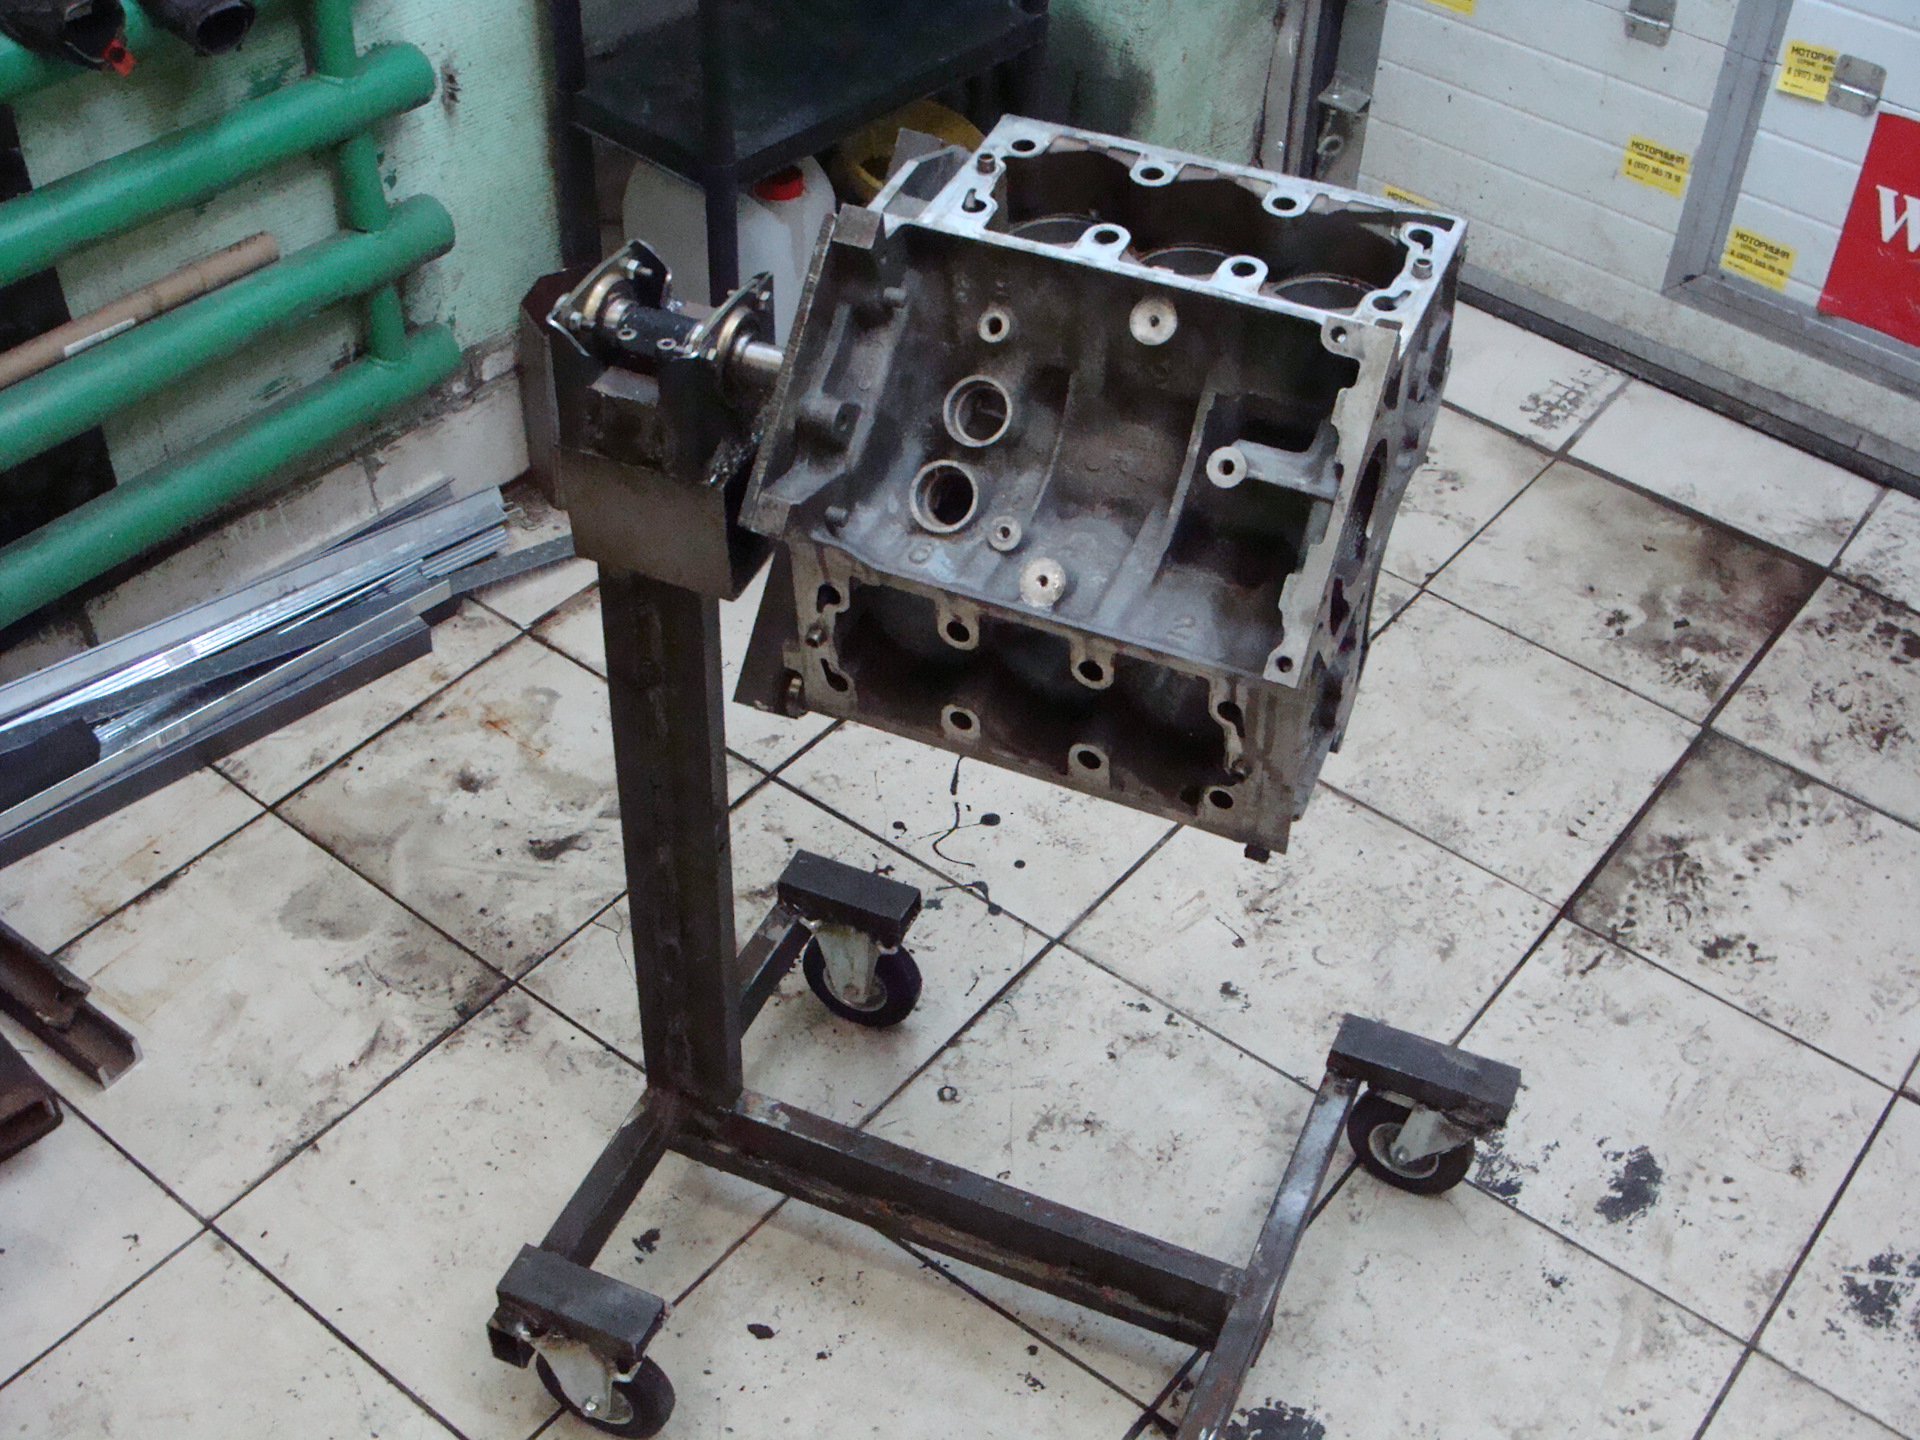 габаритов, так стенд для ремонта двигателя своими руками фото производилось под